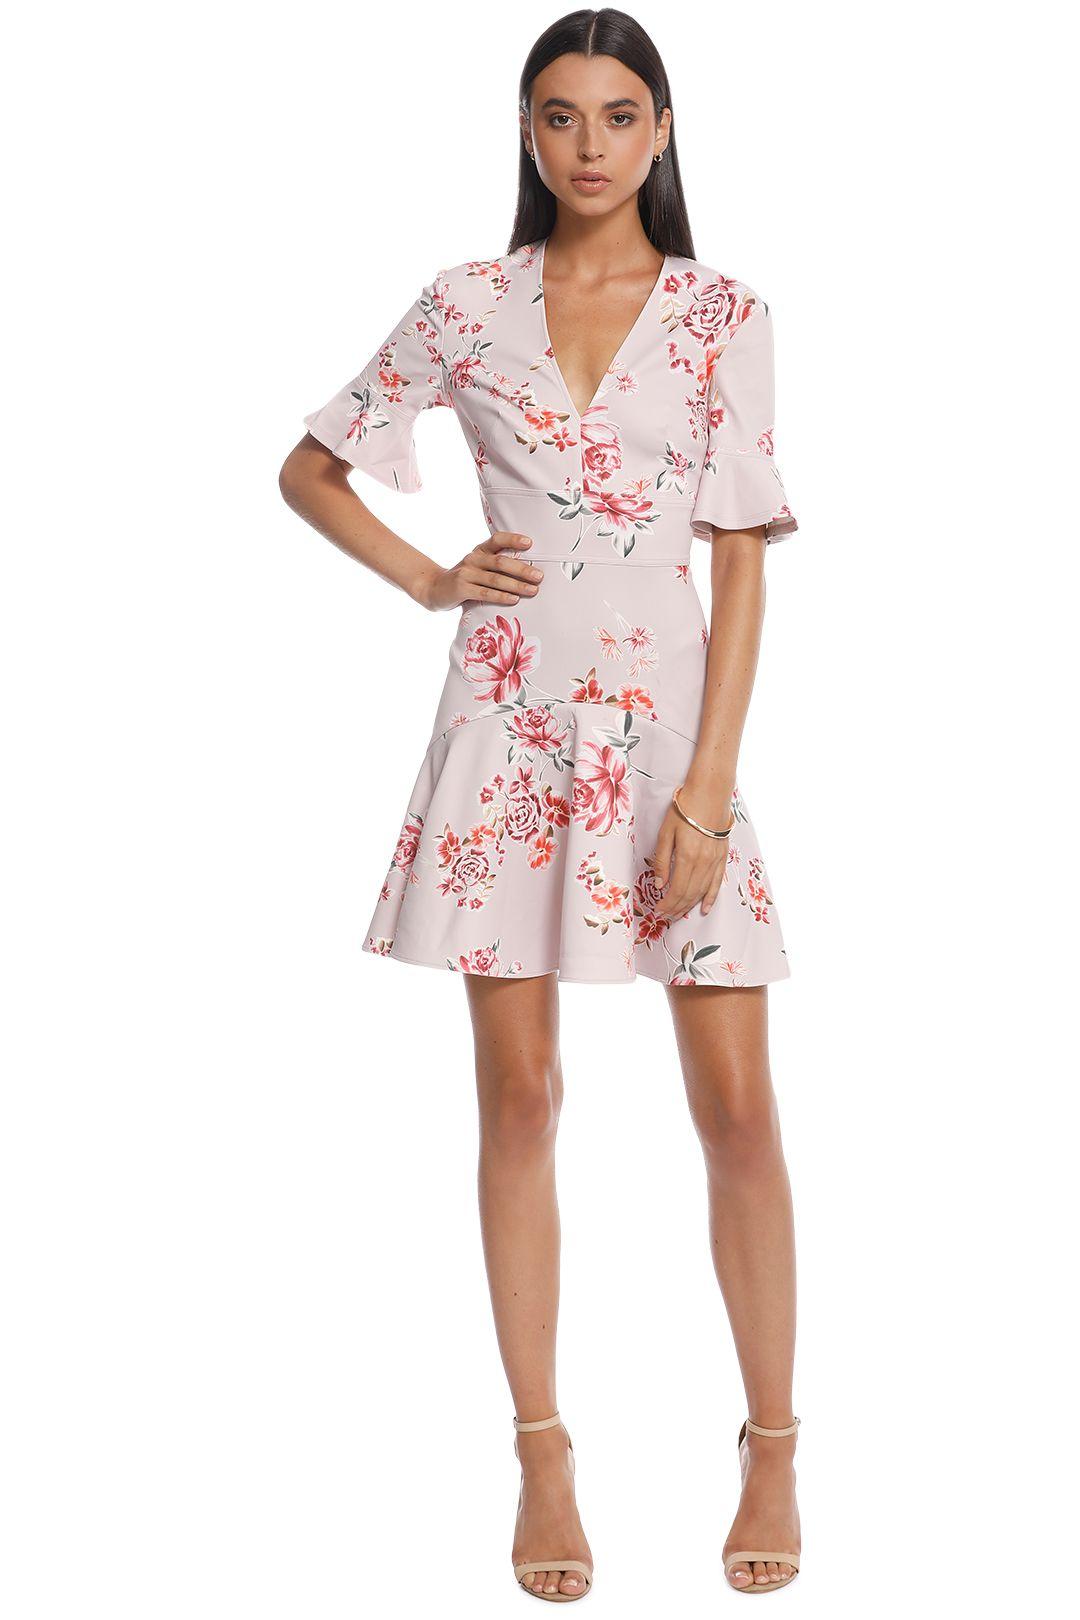 Lover - Blossom V Flip Dress - Pink - Front